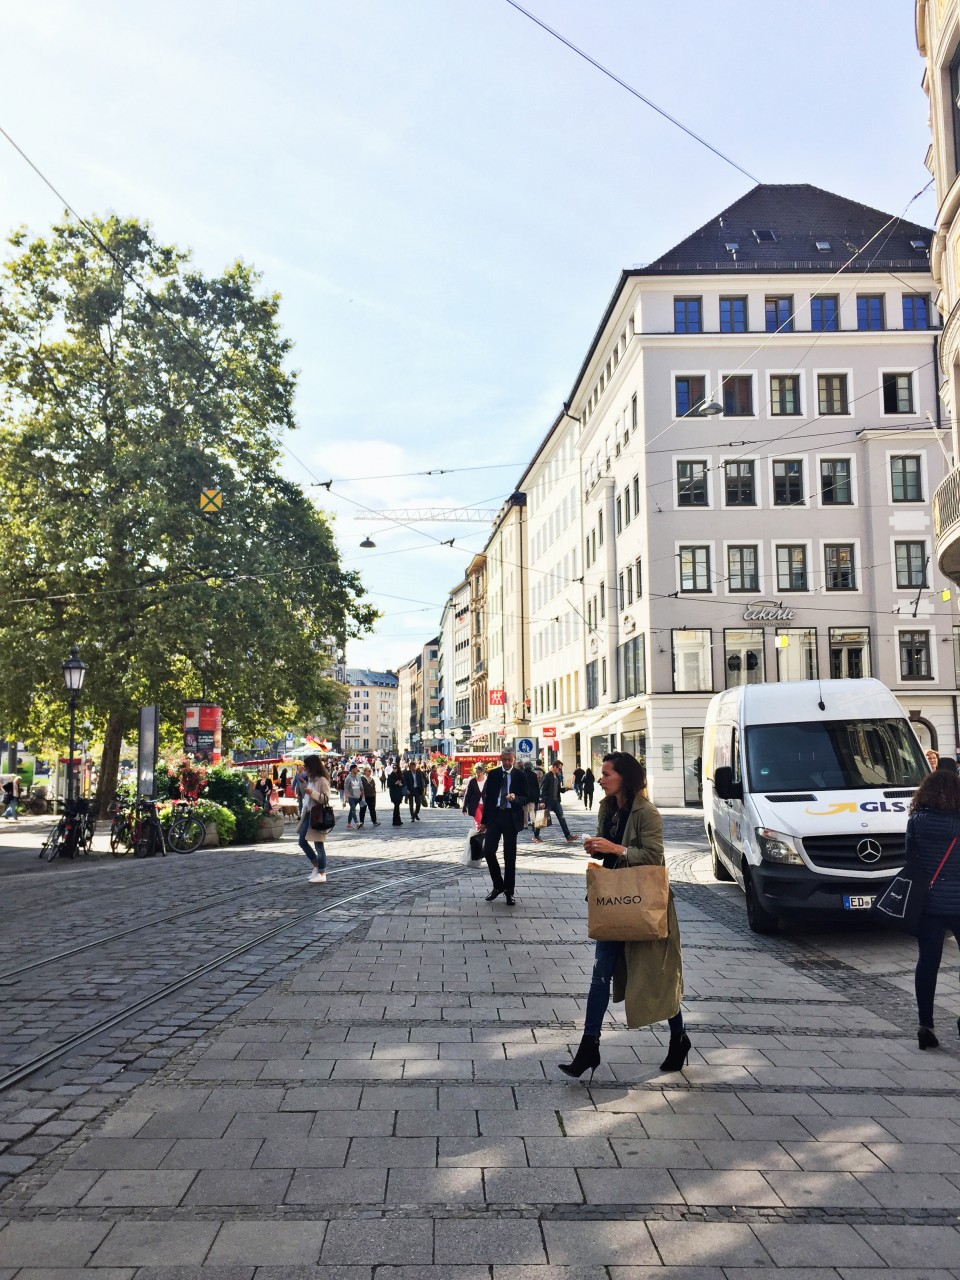 walking-in-munich-buildings